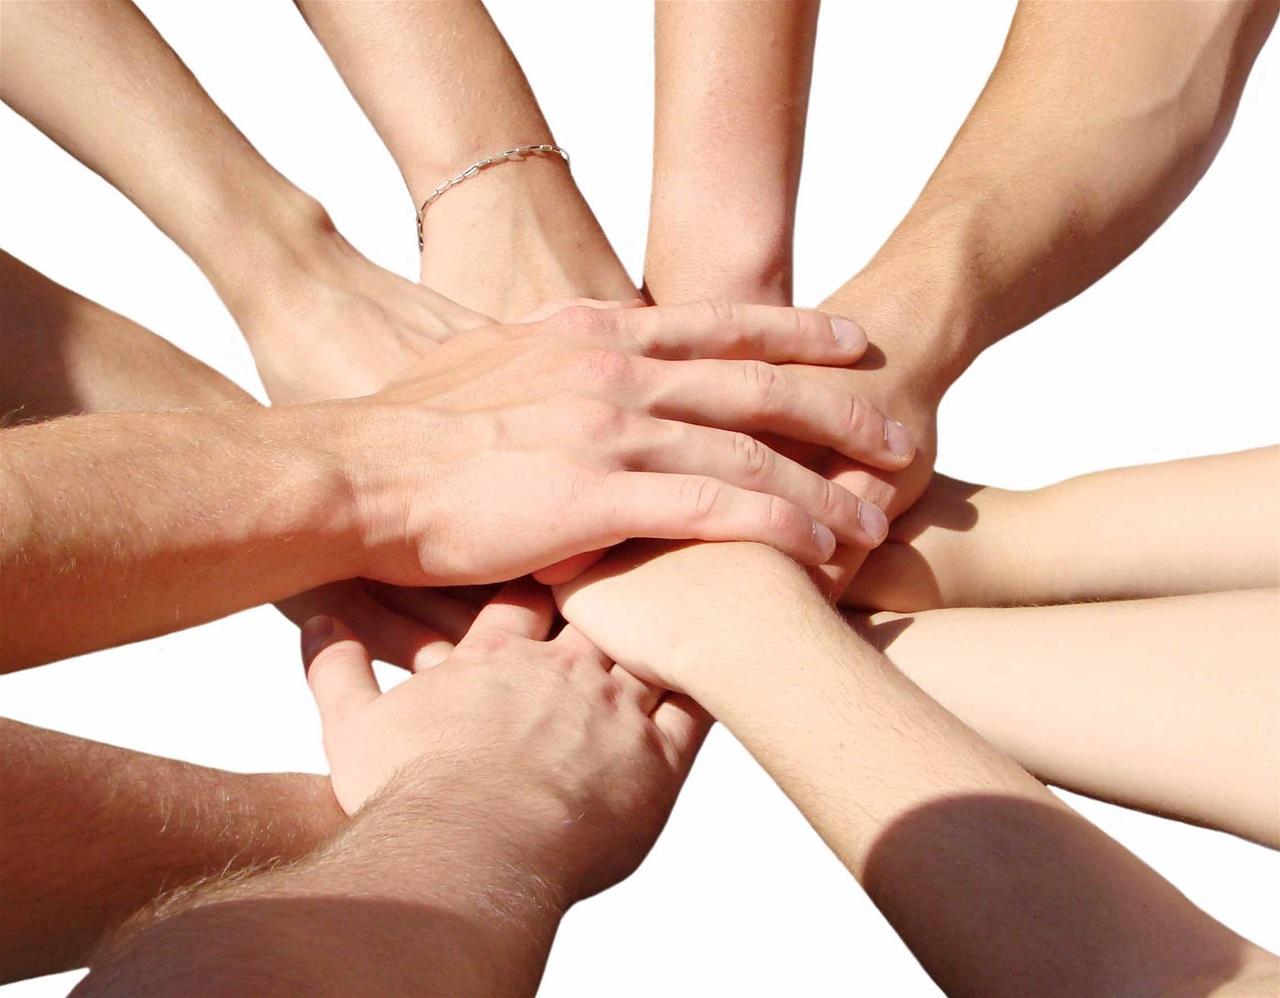 Hea sõna muudab maailma! Blogipidaja Agnes Karv: Ants Väärsi aitab teisi nende võitluste rajal kõige üllamal viisil